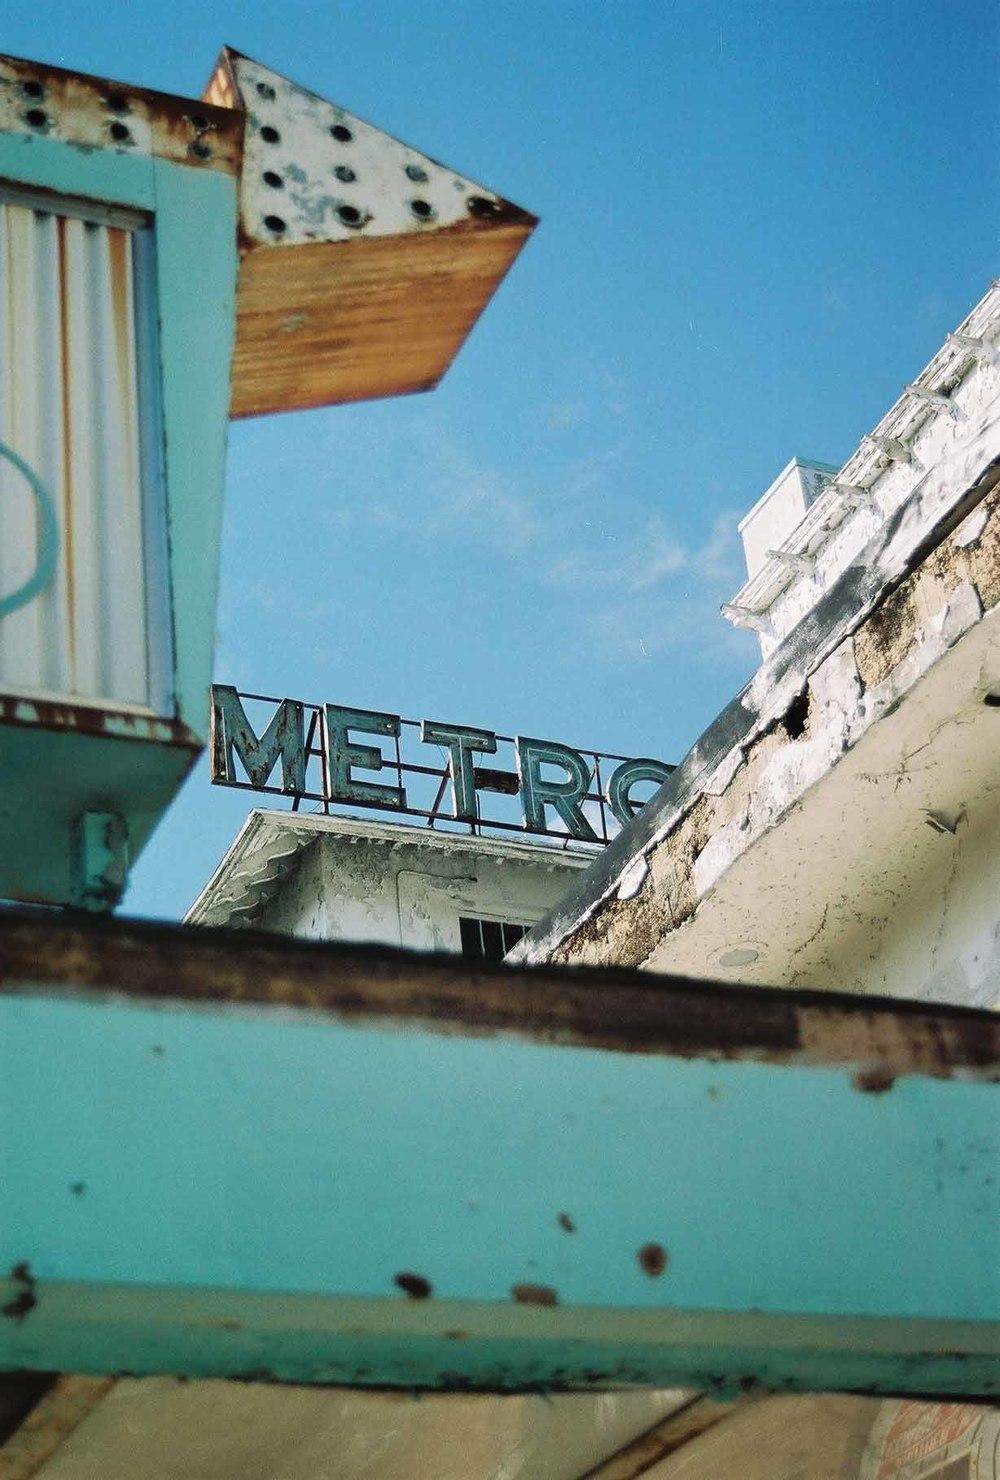 Metro, Asbury Park, NJ, 2003